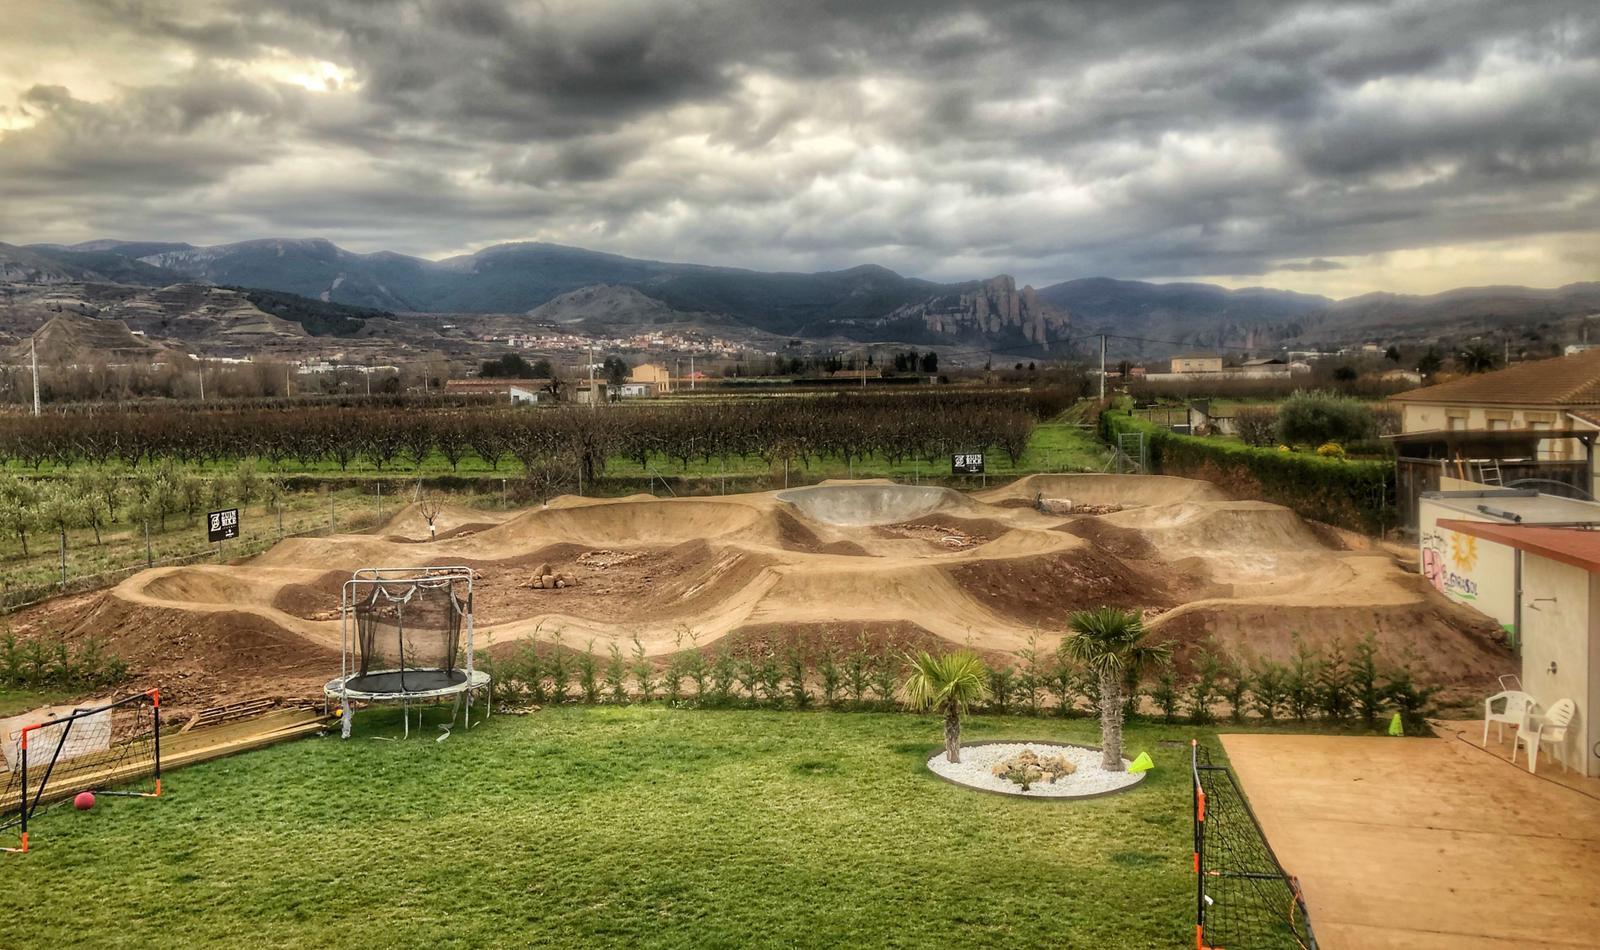 El circuito de BMX en casa de Coloma.